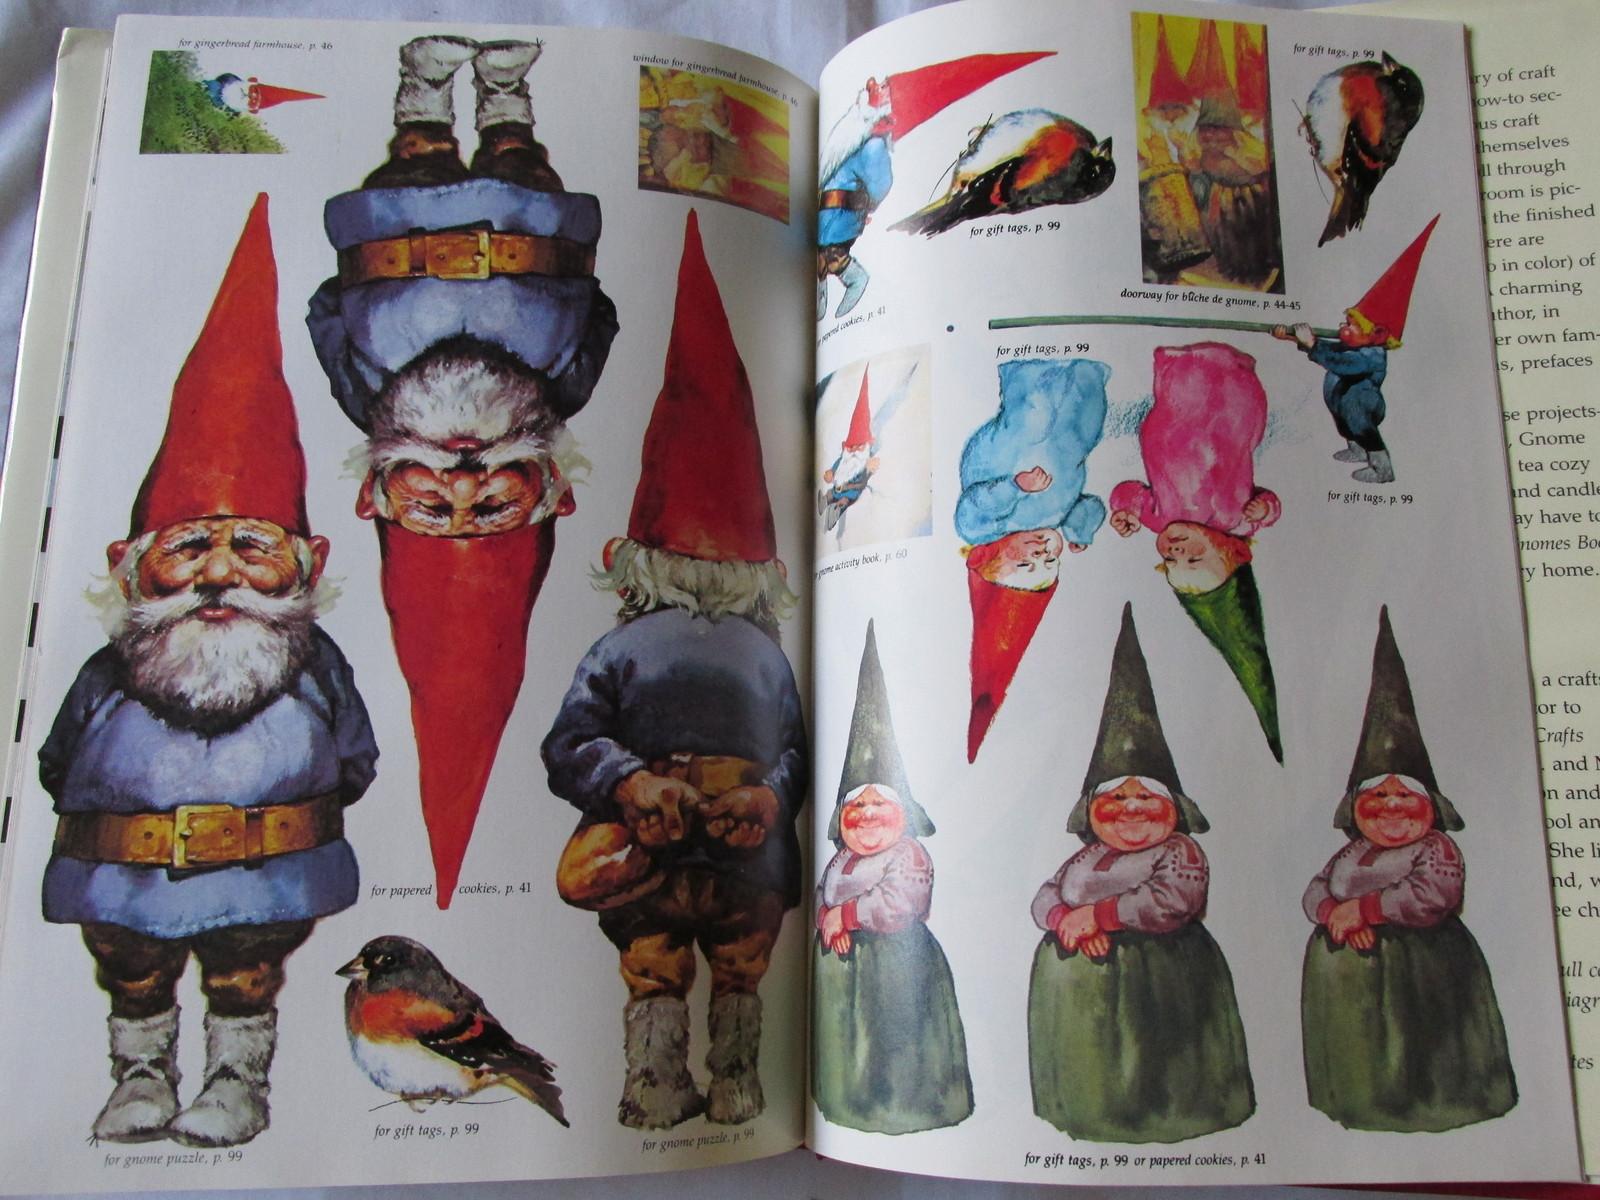 Gnome11